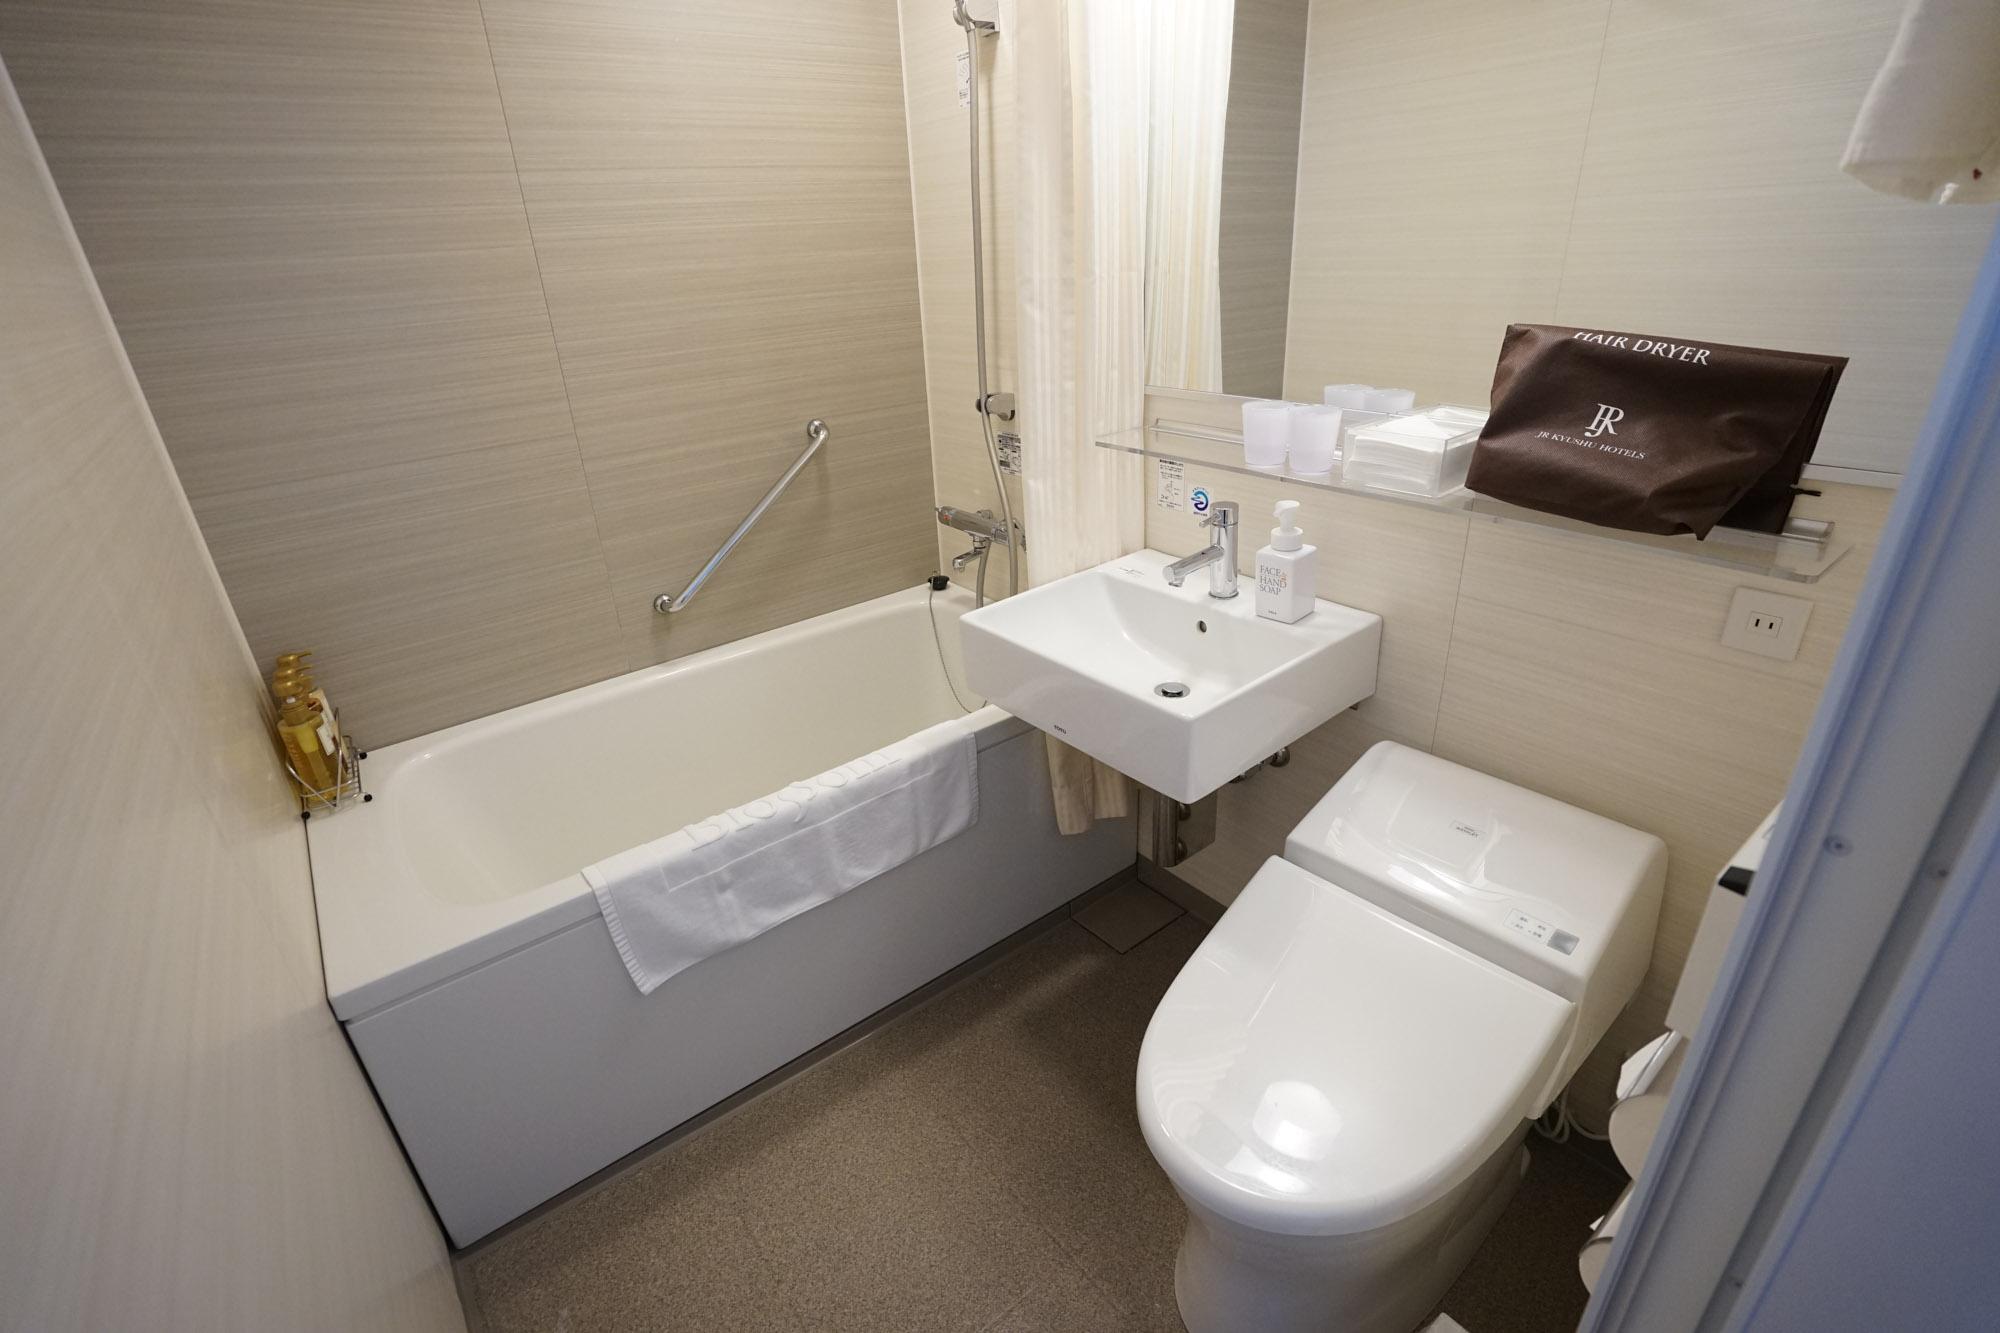 お風呂はこちら。3点ユニットバスですが、バスタブや洗面台など、広々としたつくりです。